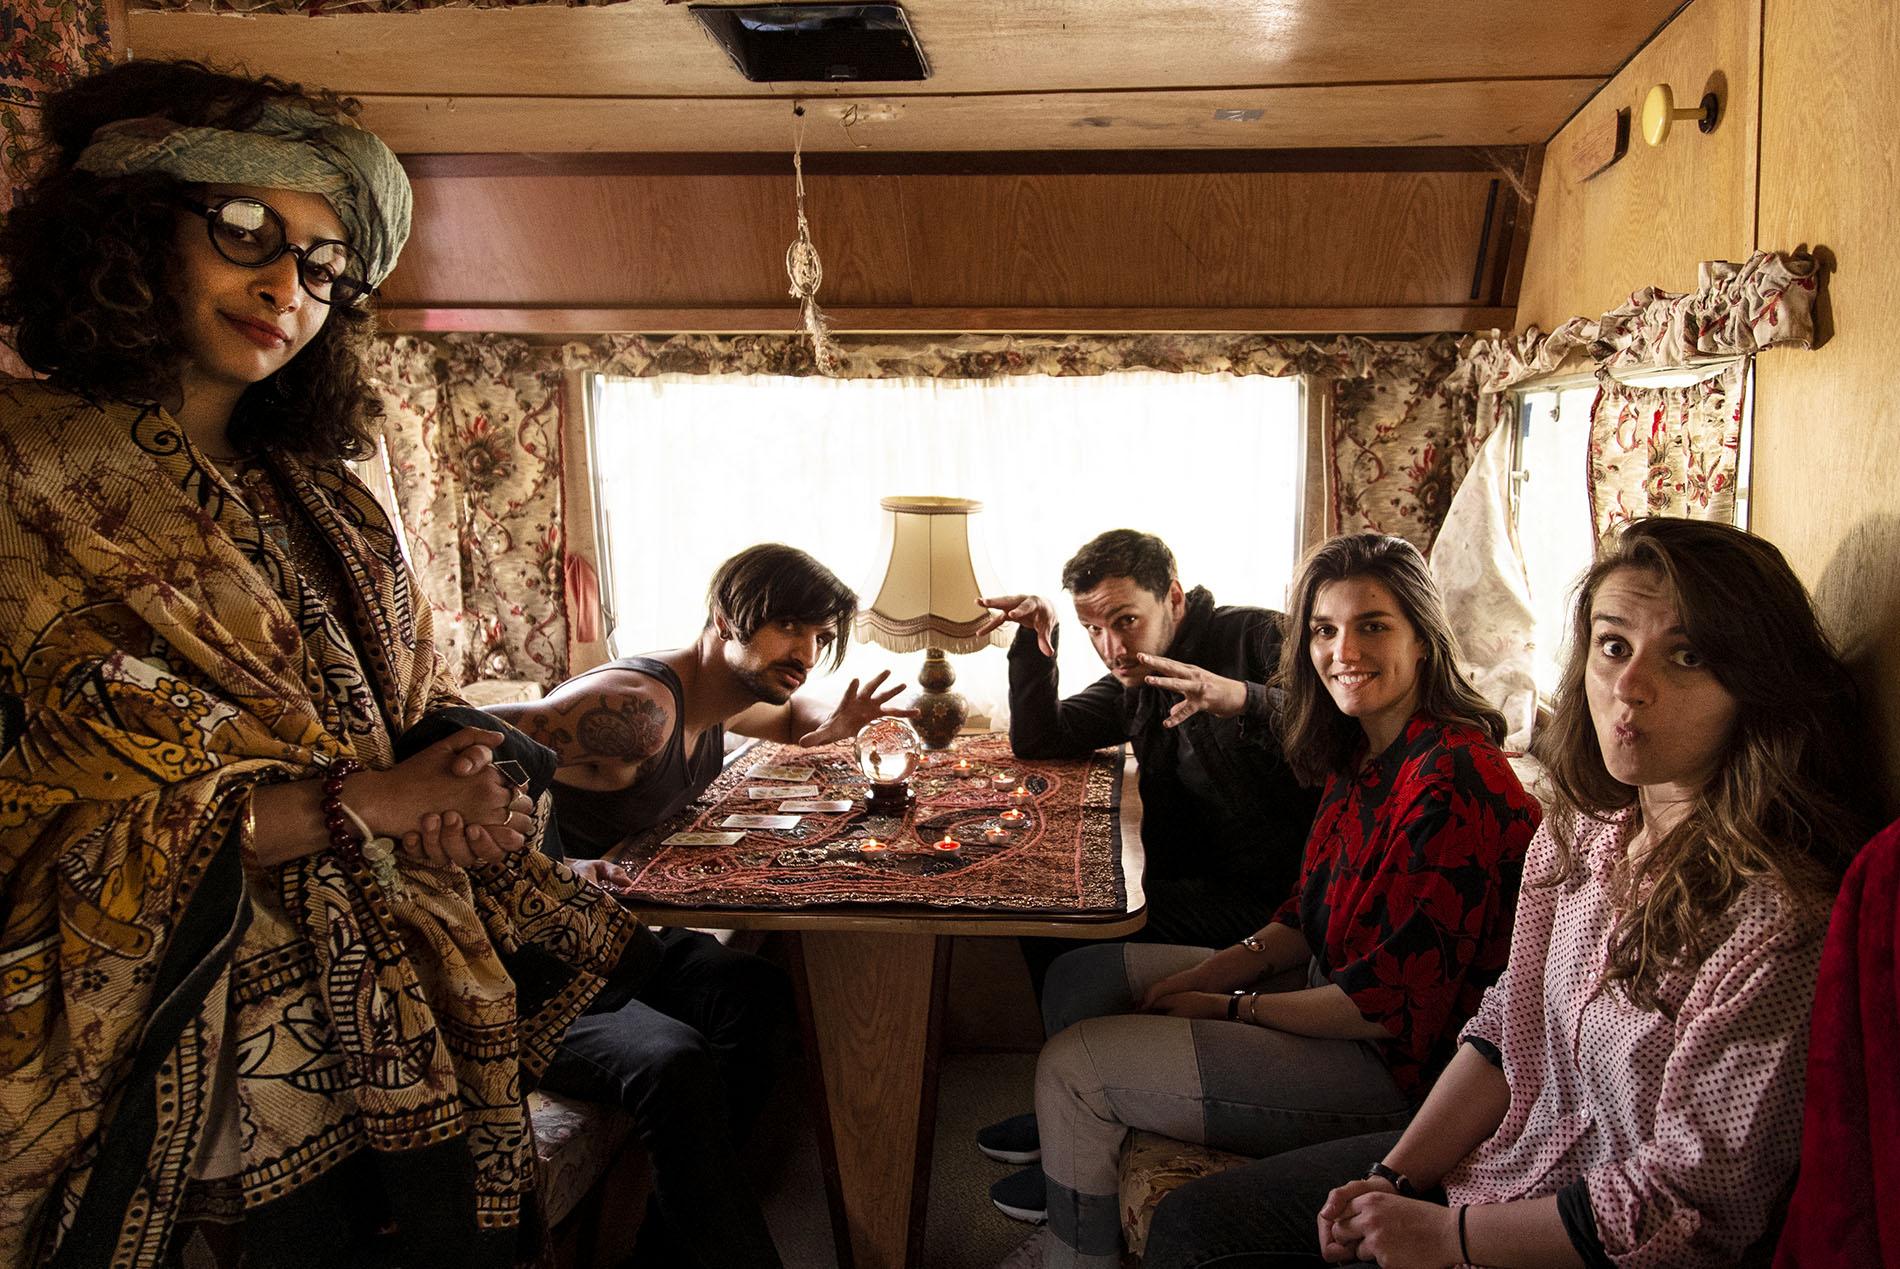 photo de groupe autour d'une table dans un décor de voyance